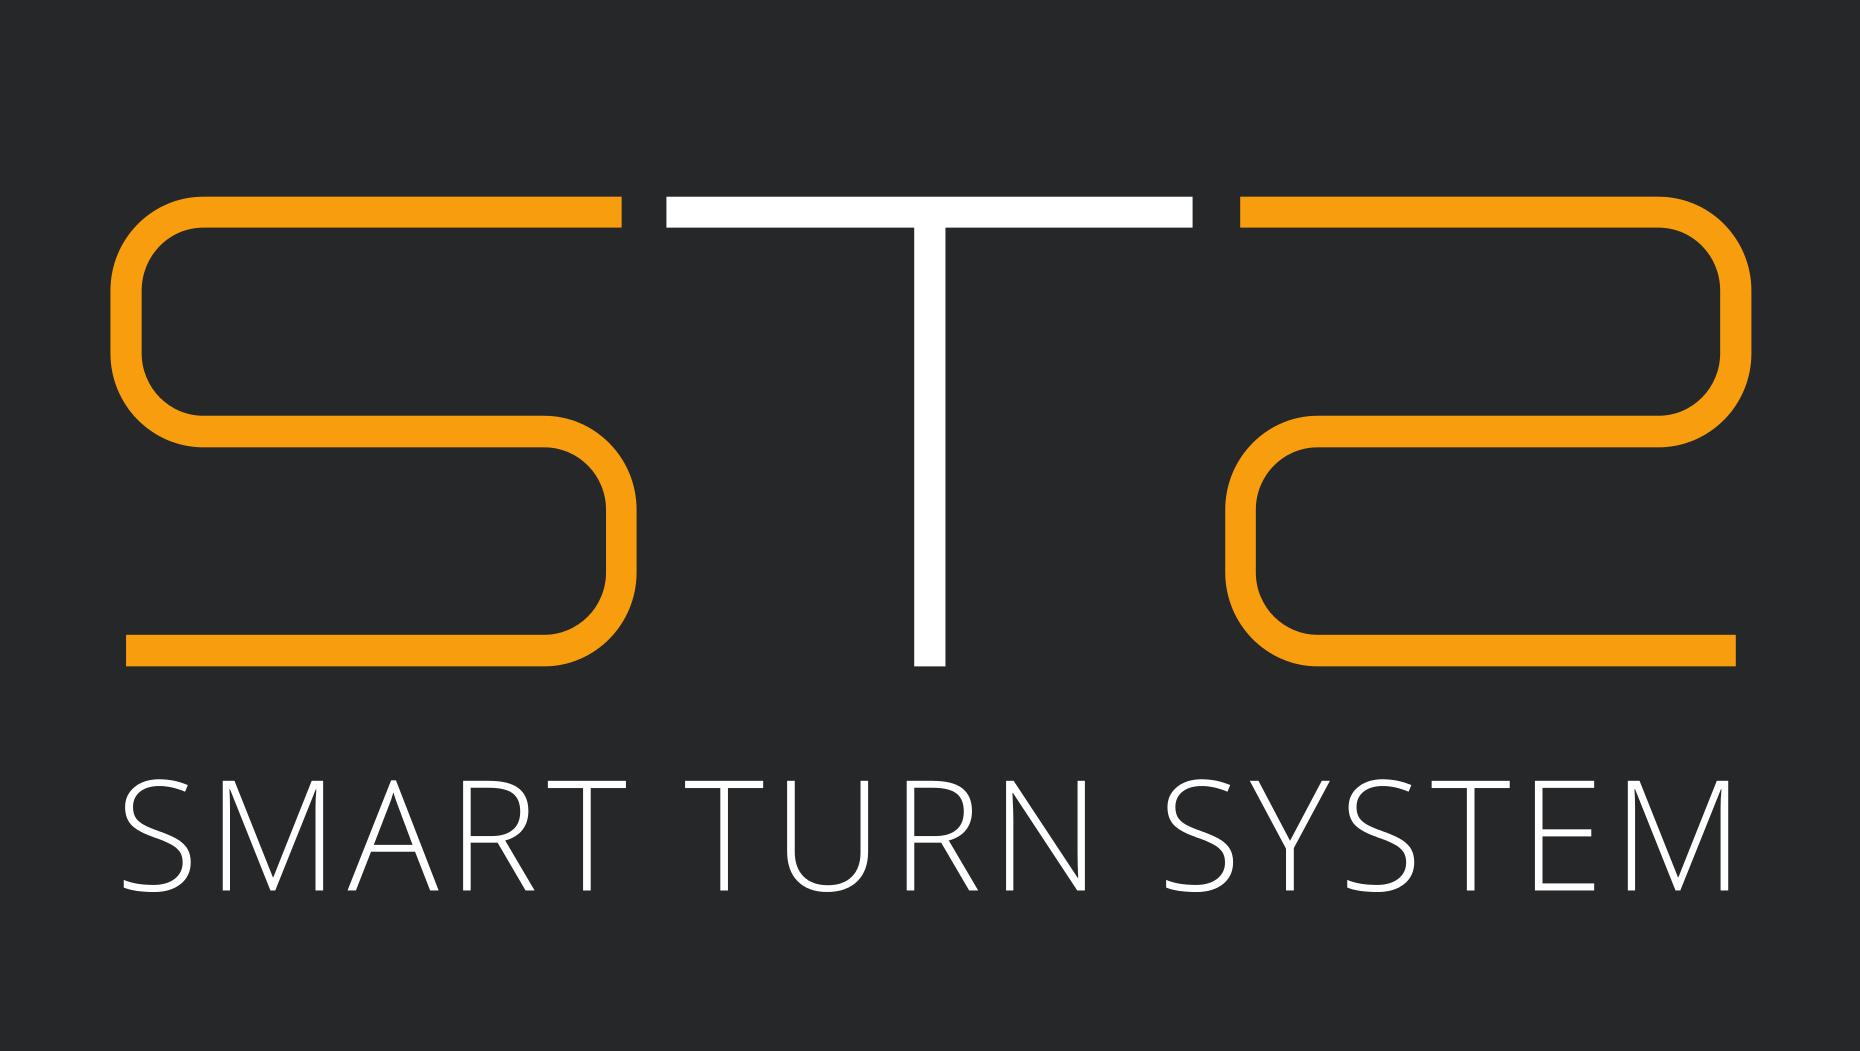 Samrt turn system